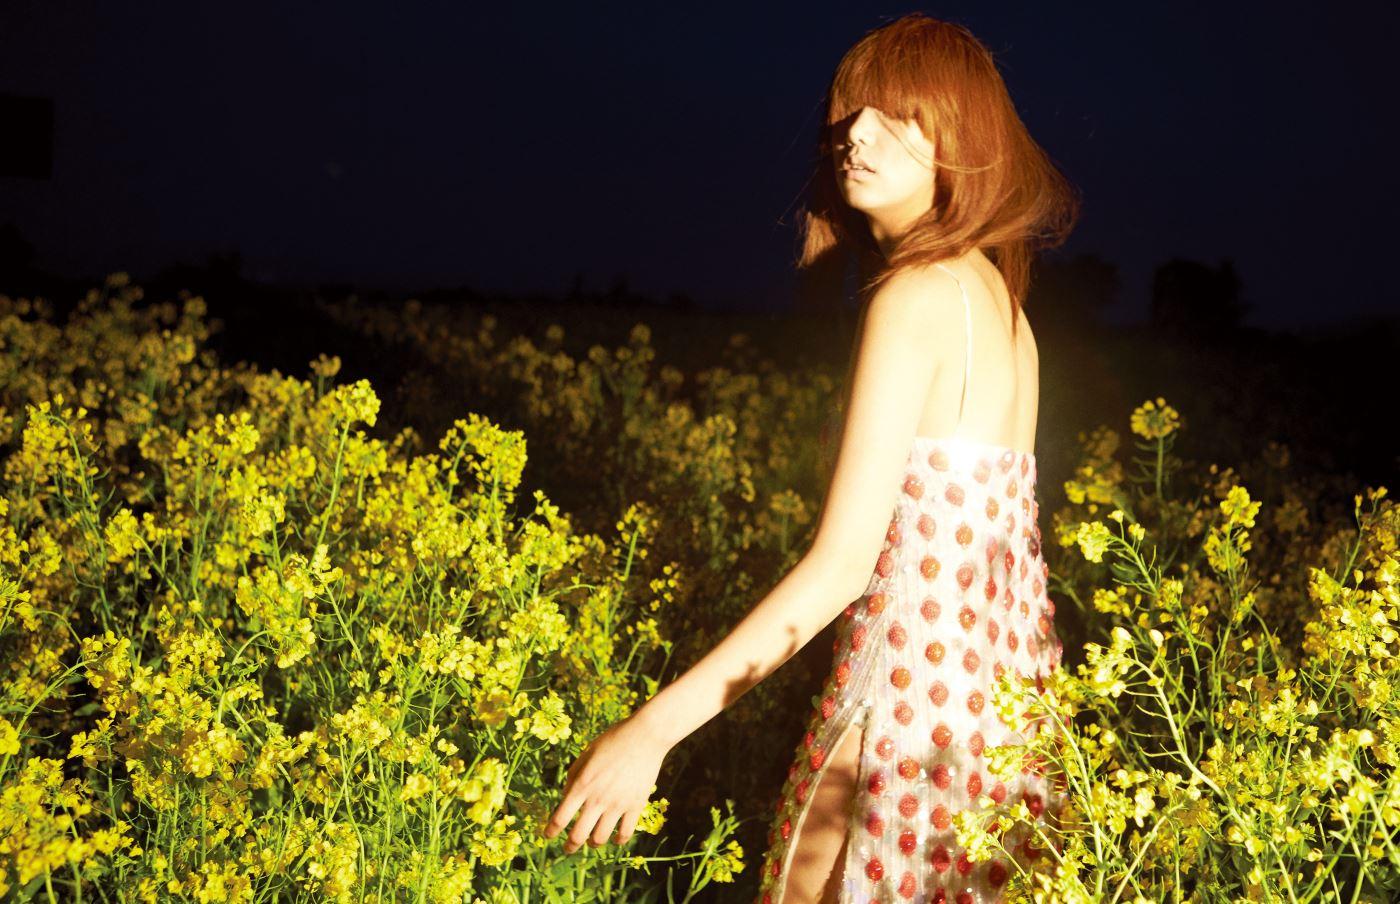 비즈로 이루어진 감각적인 도트 슬립 드레스는 Giorgio Armani 제품.